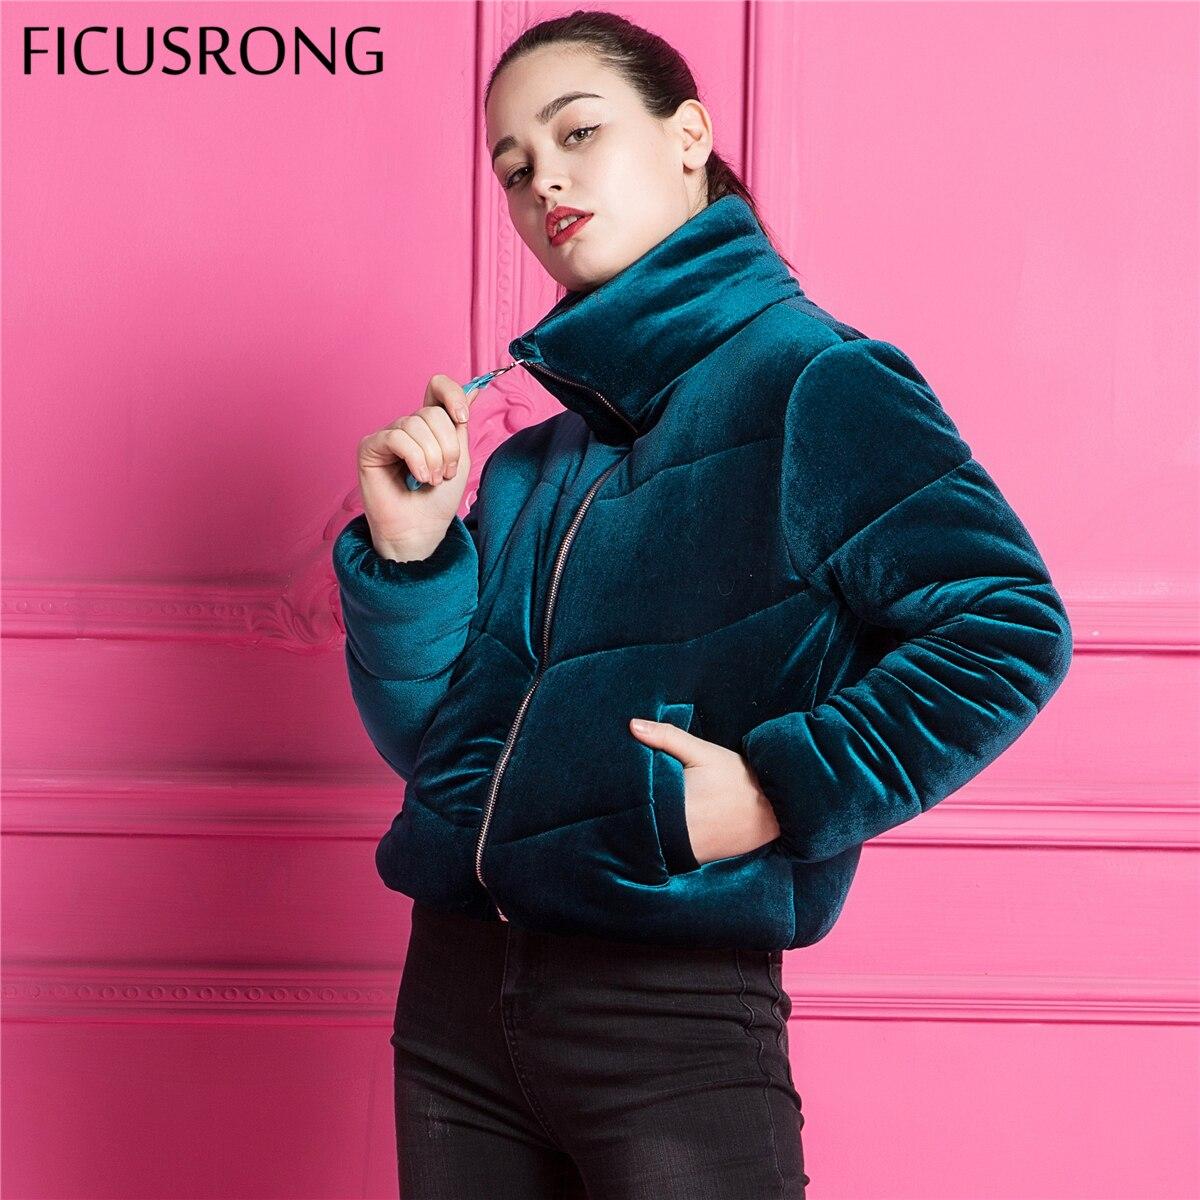 Модный Бархатный комплект с хлопковой подкладкой простая куртка пальто теплый синий банный халат с принтом парки куртки женские осень зима куртка женская верхняя одежда FICUSRONG